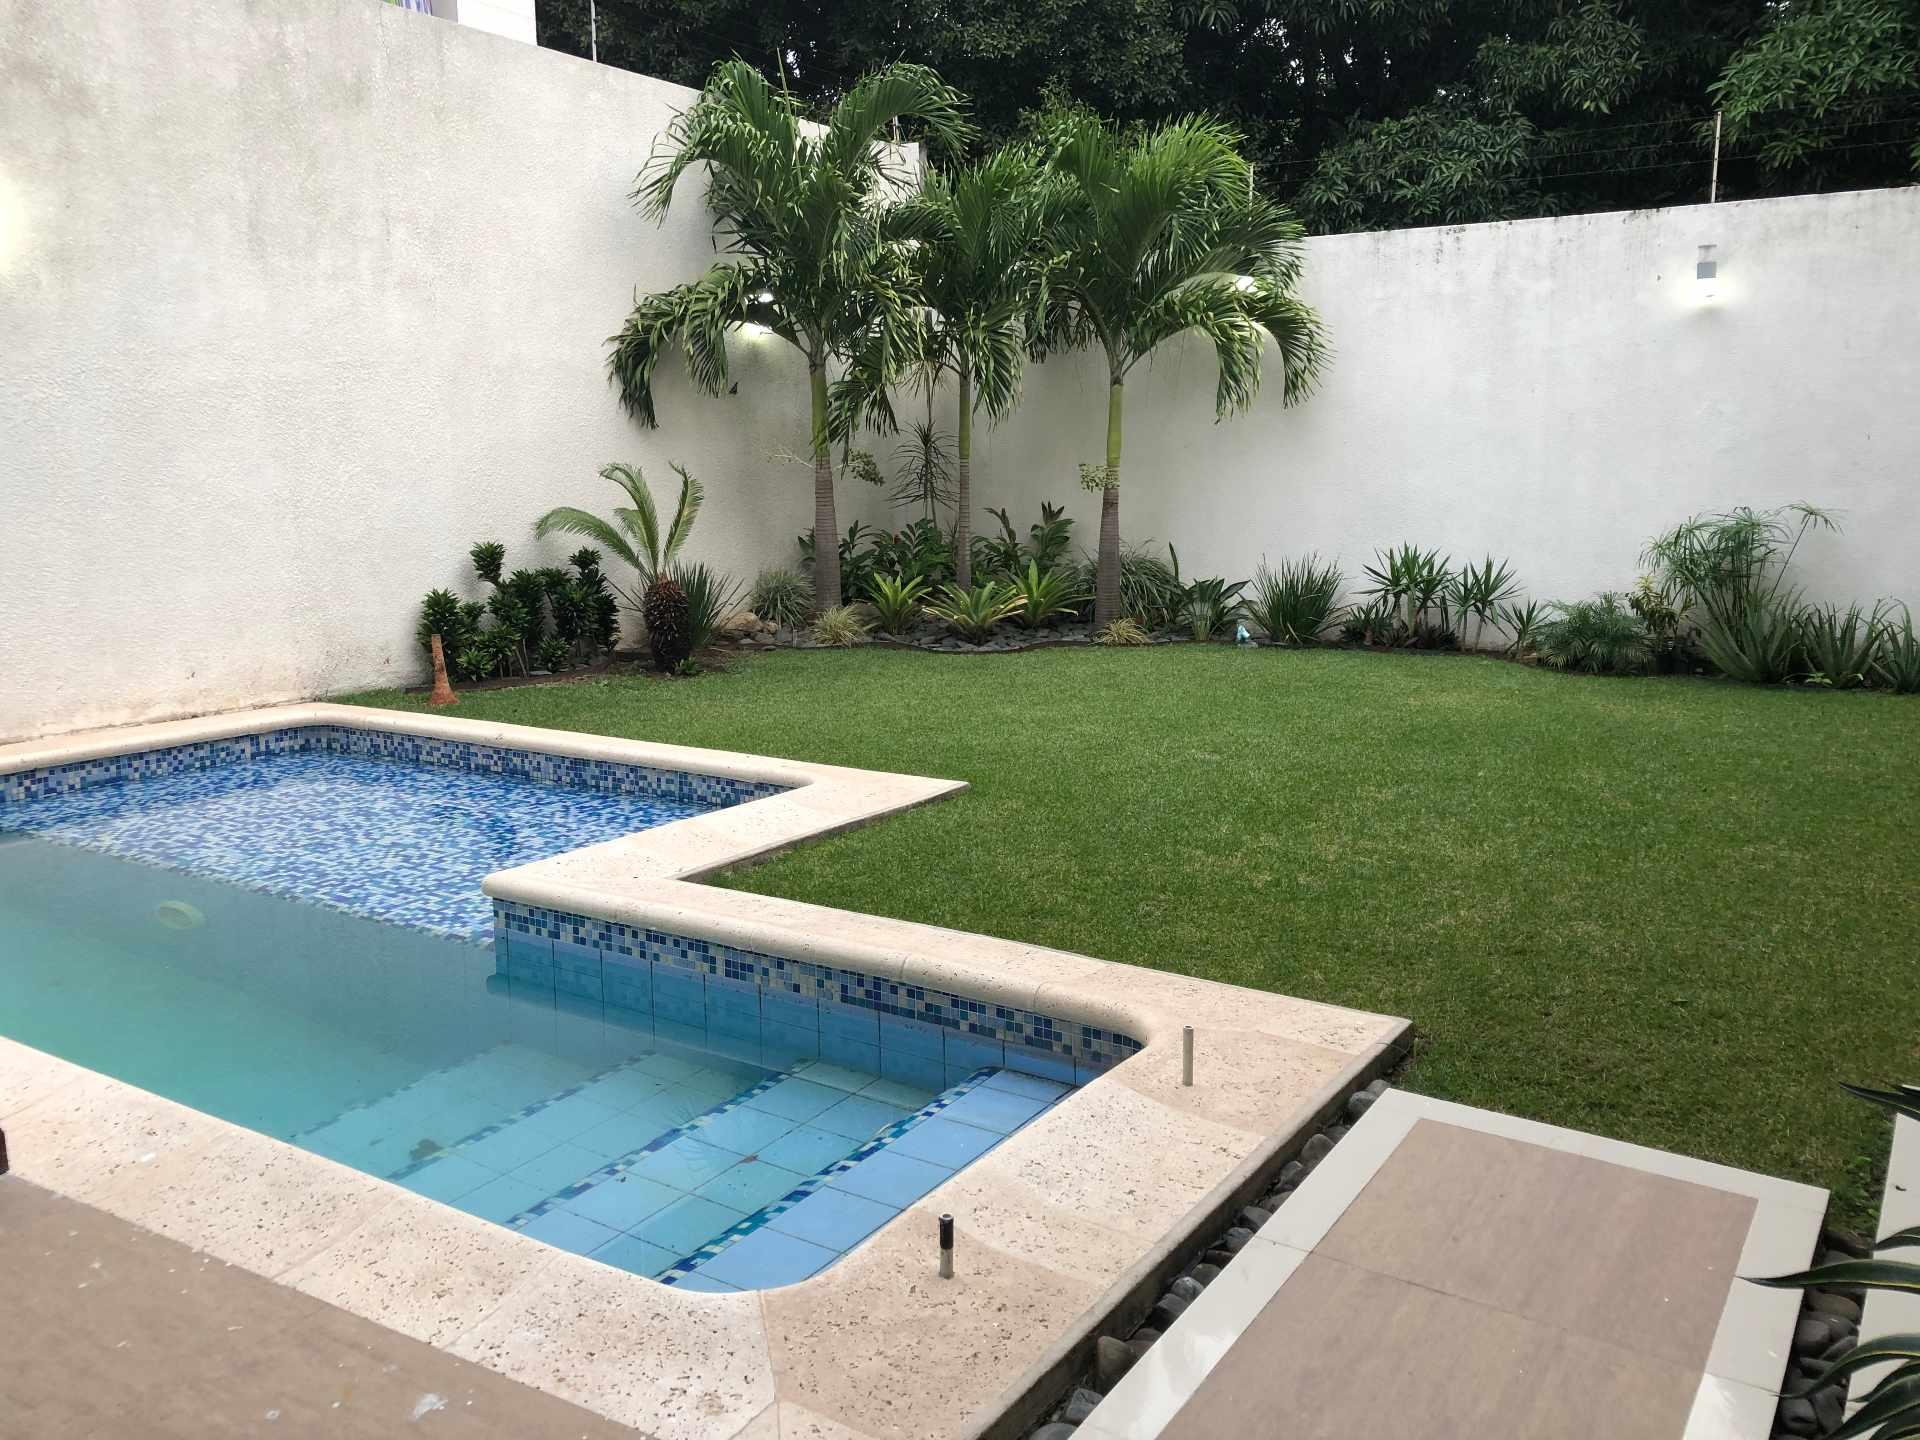 Casa en Venta CASA EN VENTA ZONA AV. SAN AURELIO Y BARRANCA Foto 16